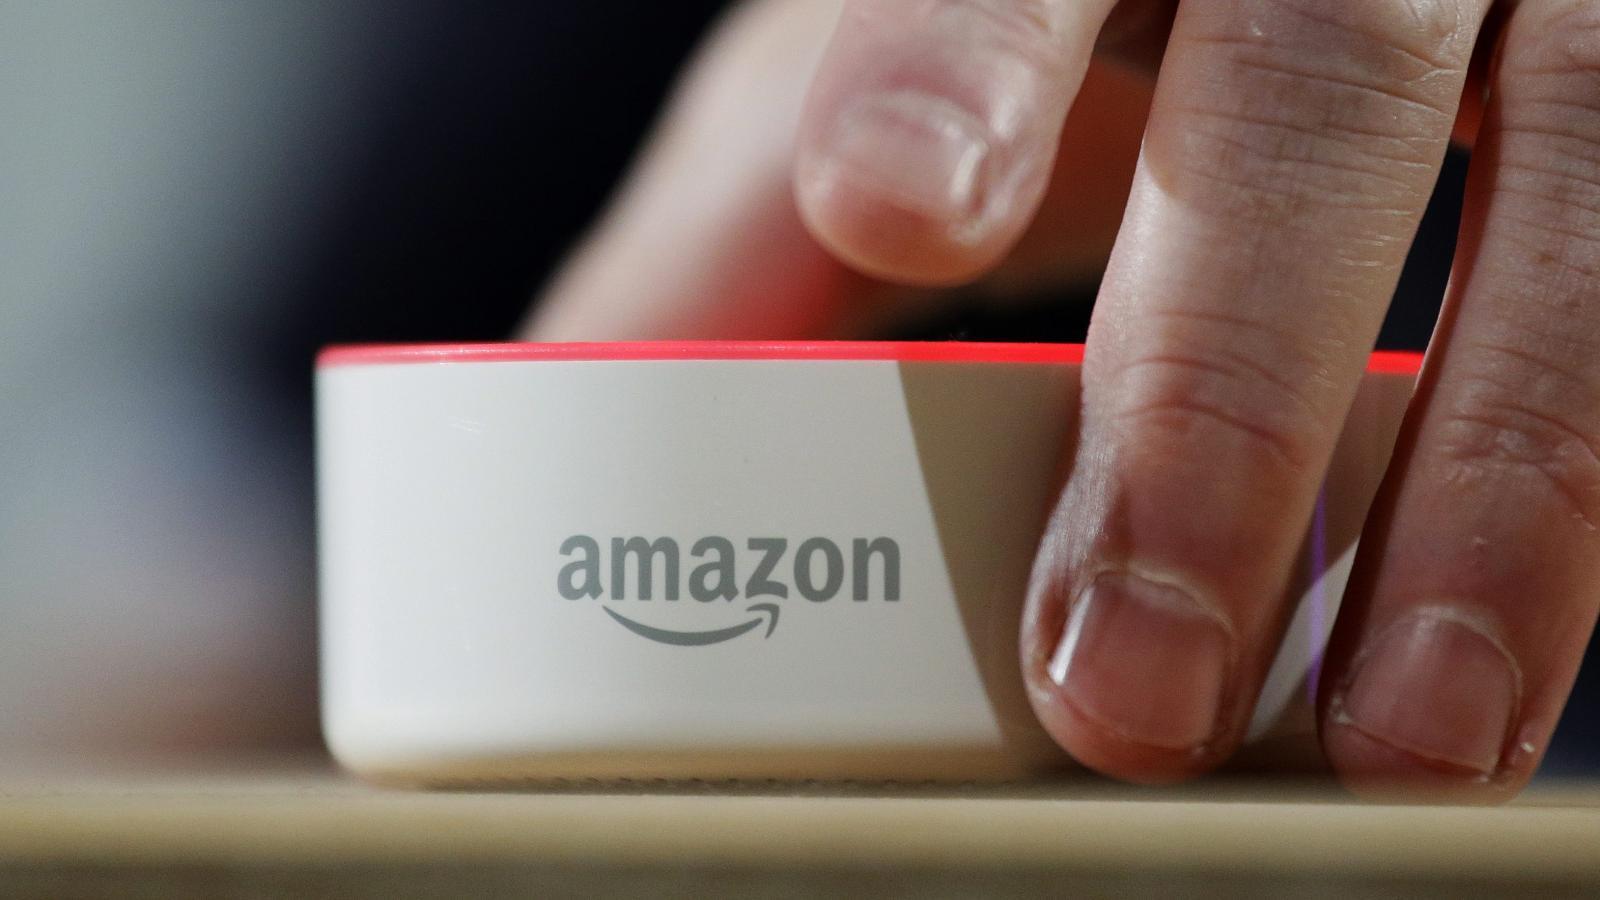 En plus de l'arrivée de Echo Show 5 et d'une nouvelle option vocale de suppression d'historique d'Alexa, Amazon annonce la création d'un nouveau support technique l'ouverture du support Alexa Privacy Hub pour répondre à ses clients sur les questions de confidentialité